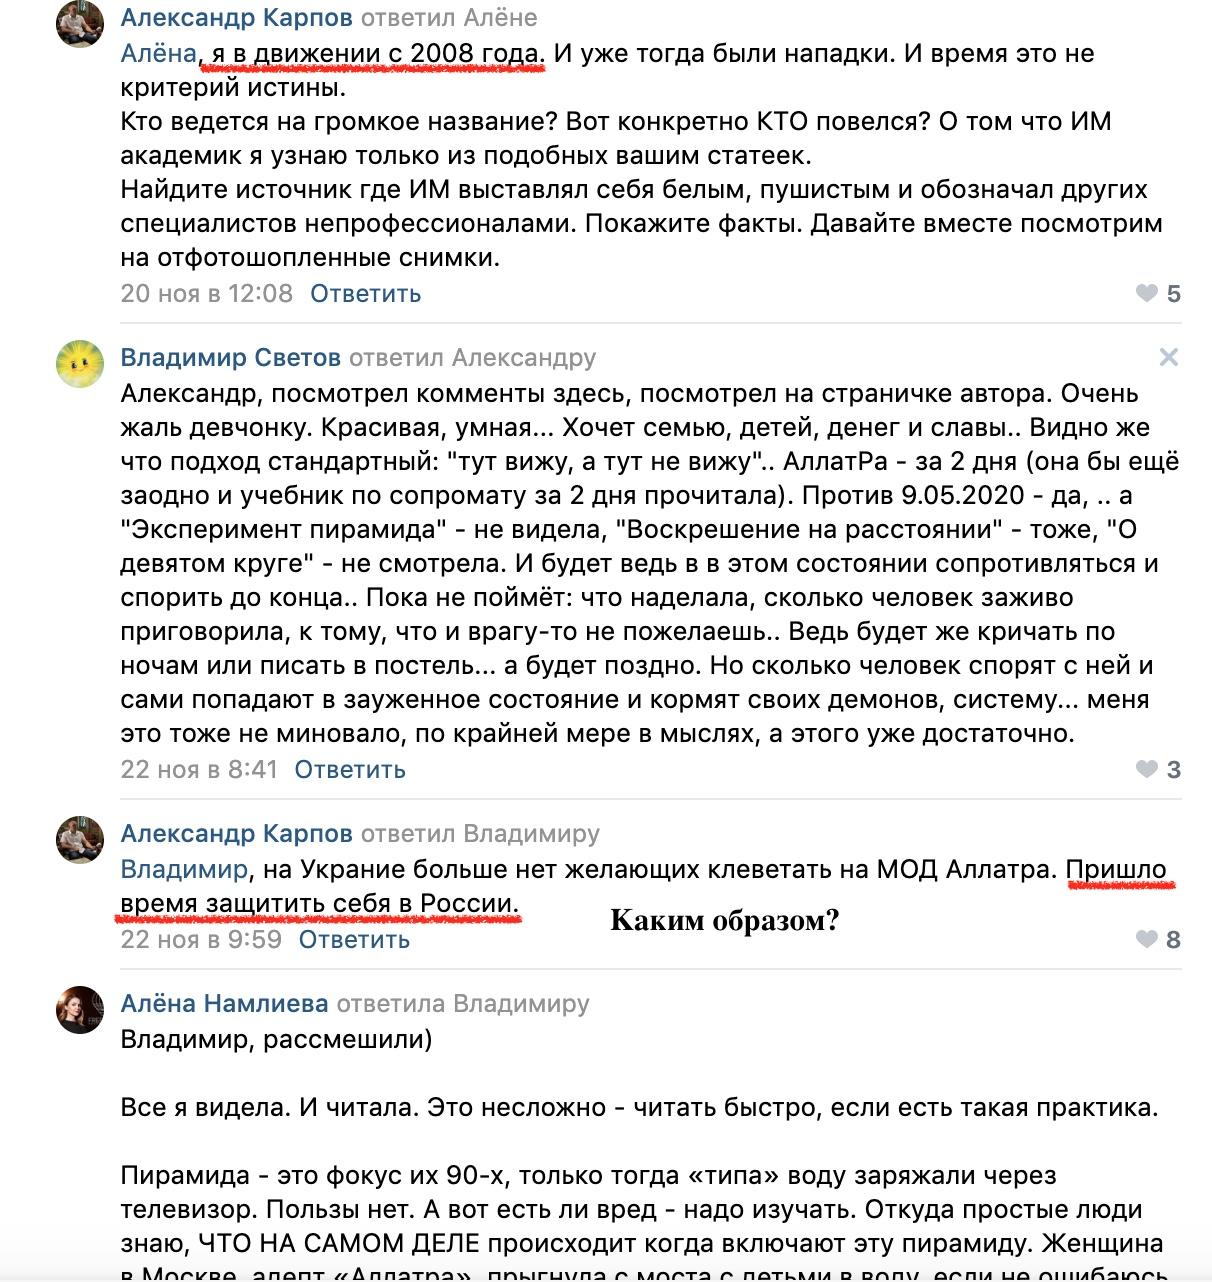 МОД «АллатРа». Часть 3. Миссия «Президент РФ» или инструмент манипуляции доверием, изображение №30